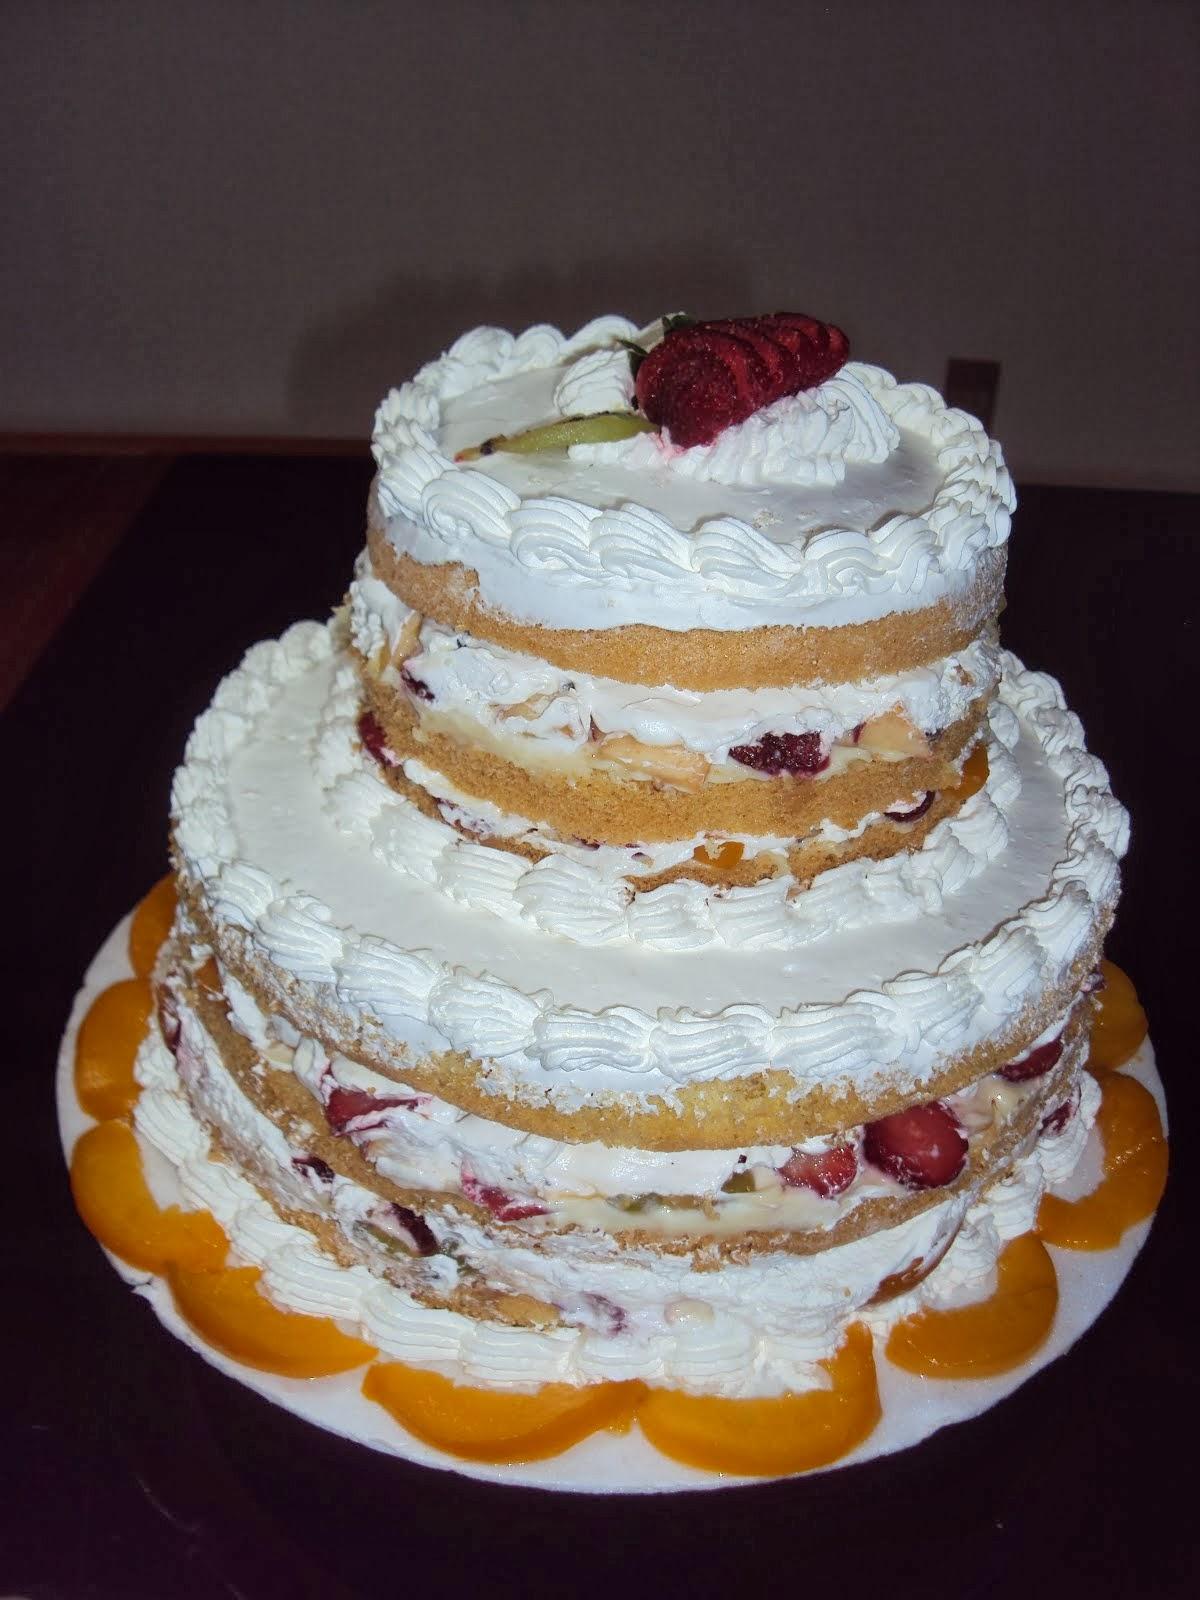 Naked cake ou bolo pelado